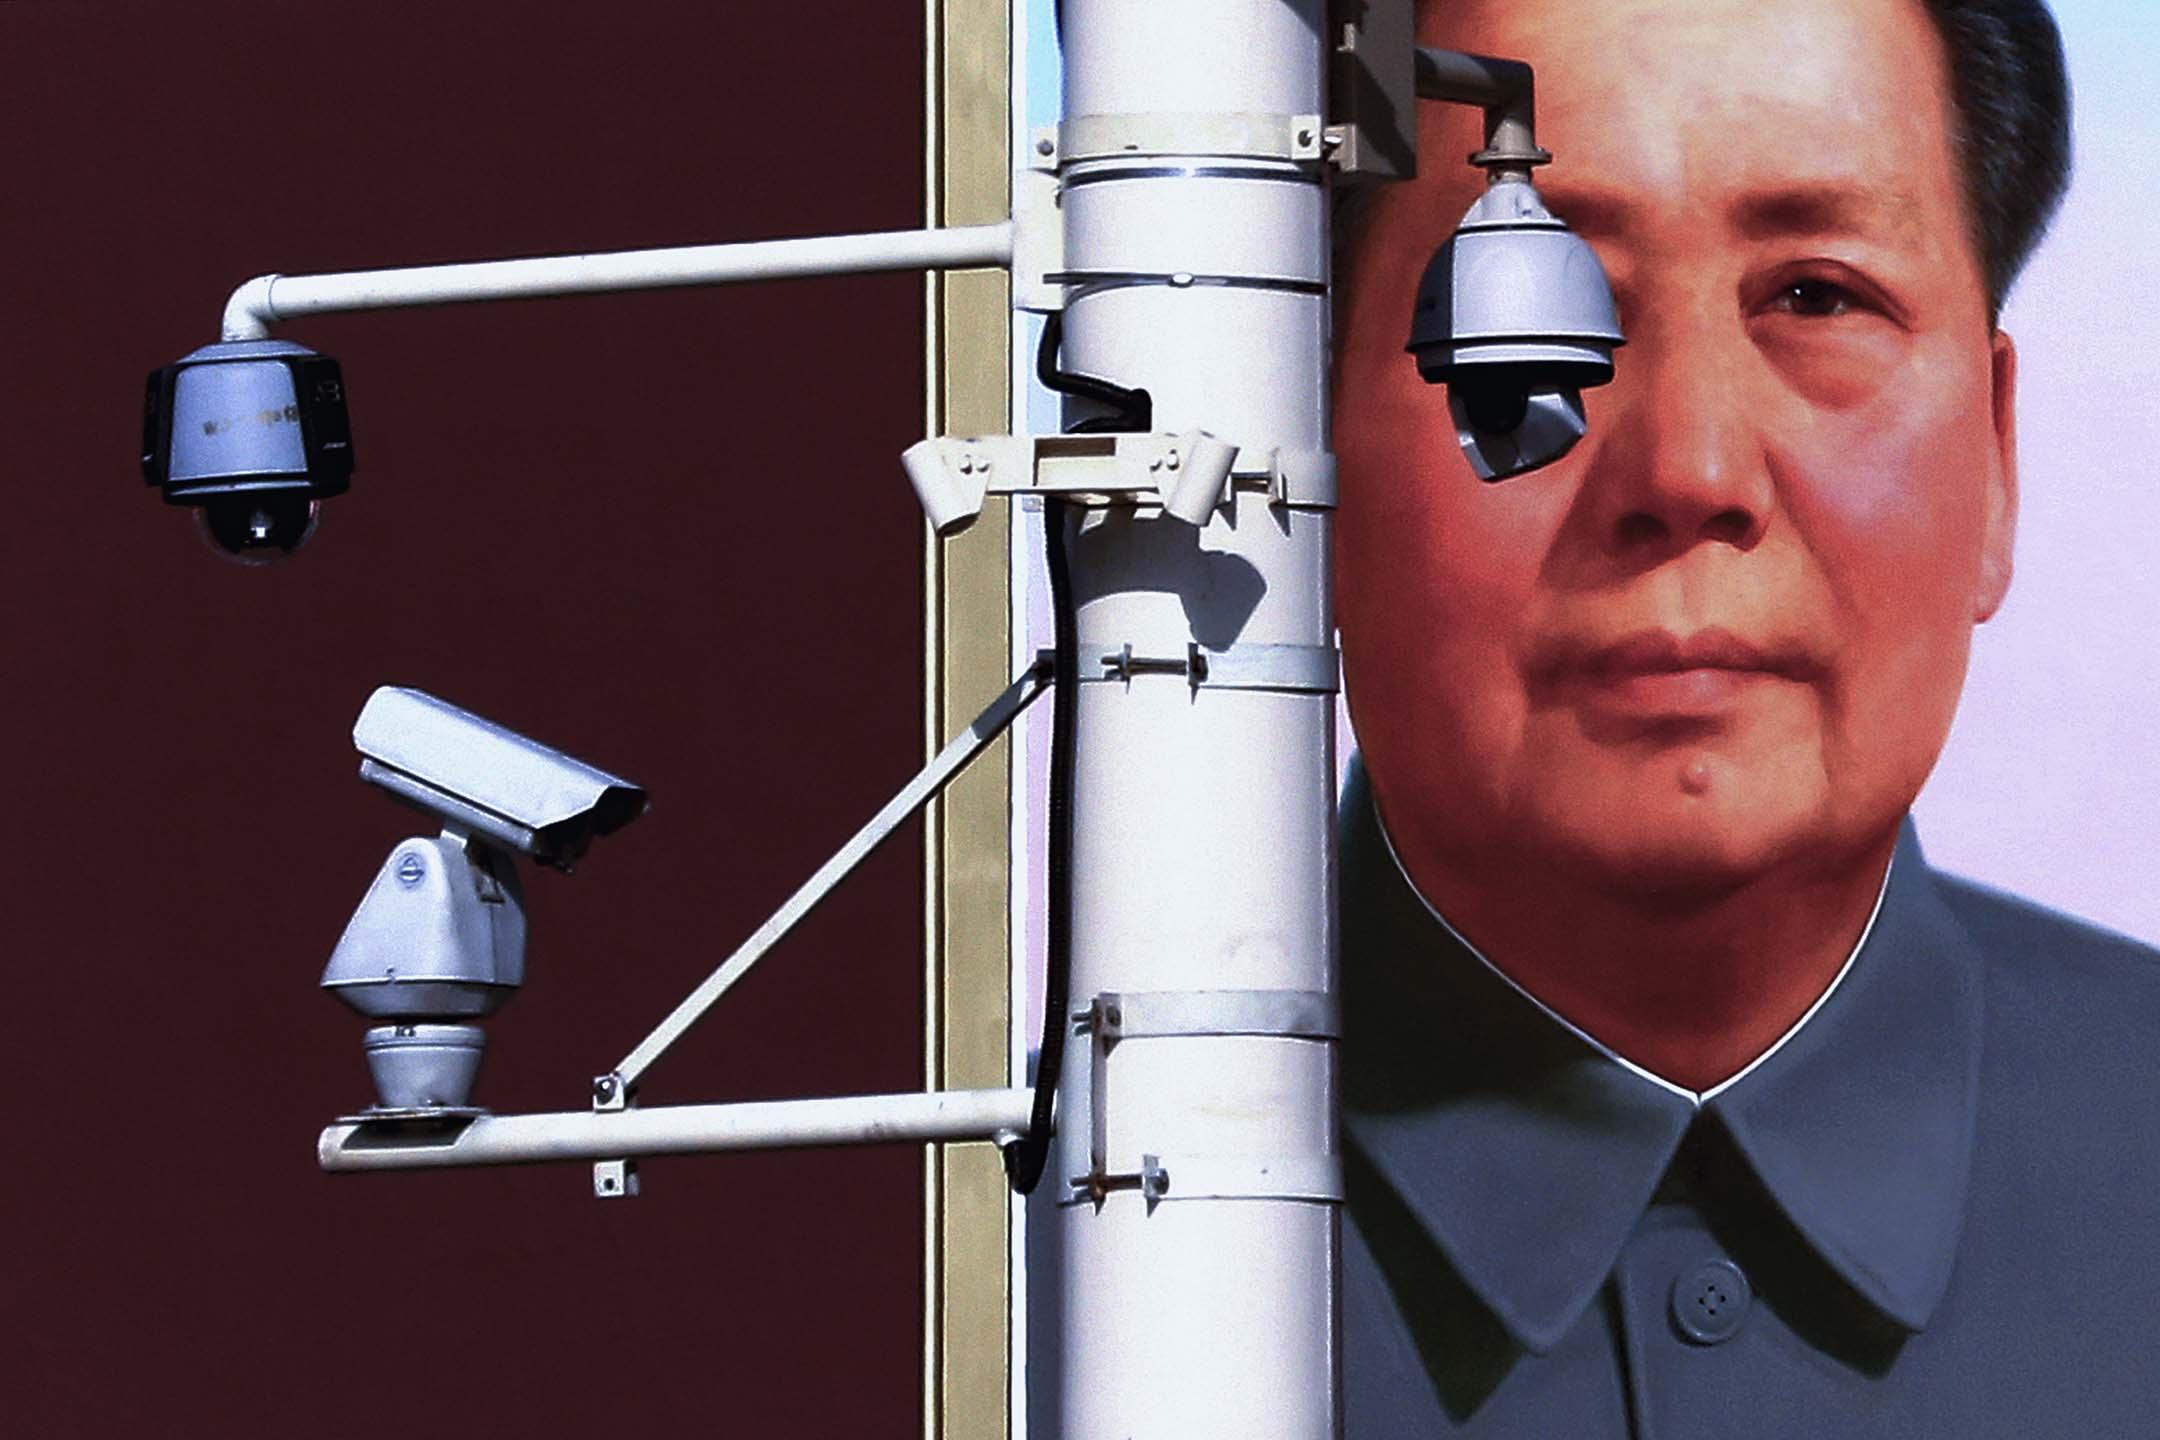 2012年11月11日中國共產黨第十八次全國代表大會正在召開,北京天安門廣場上攝像機安裝在前主席毛澤東巨幅畫像前。